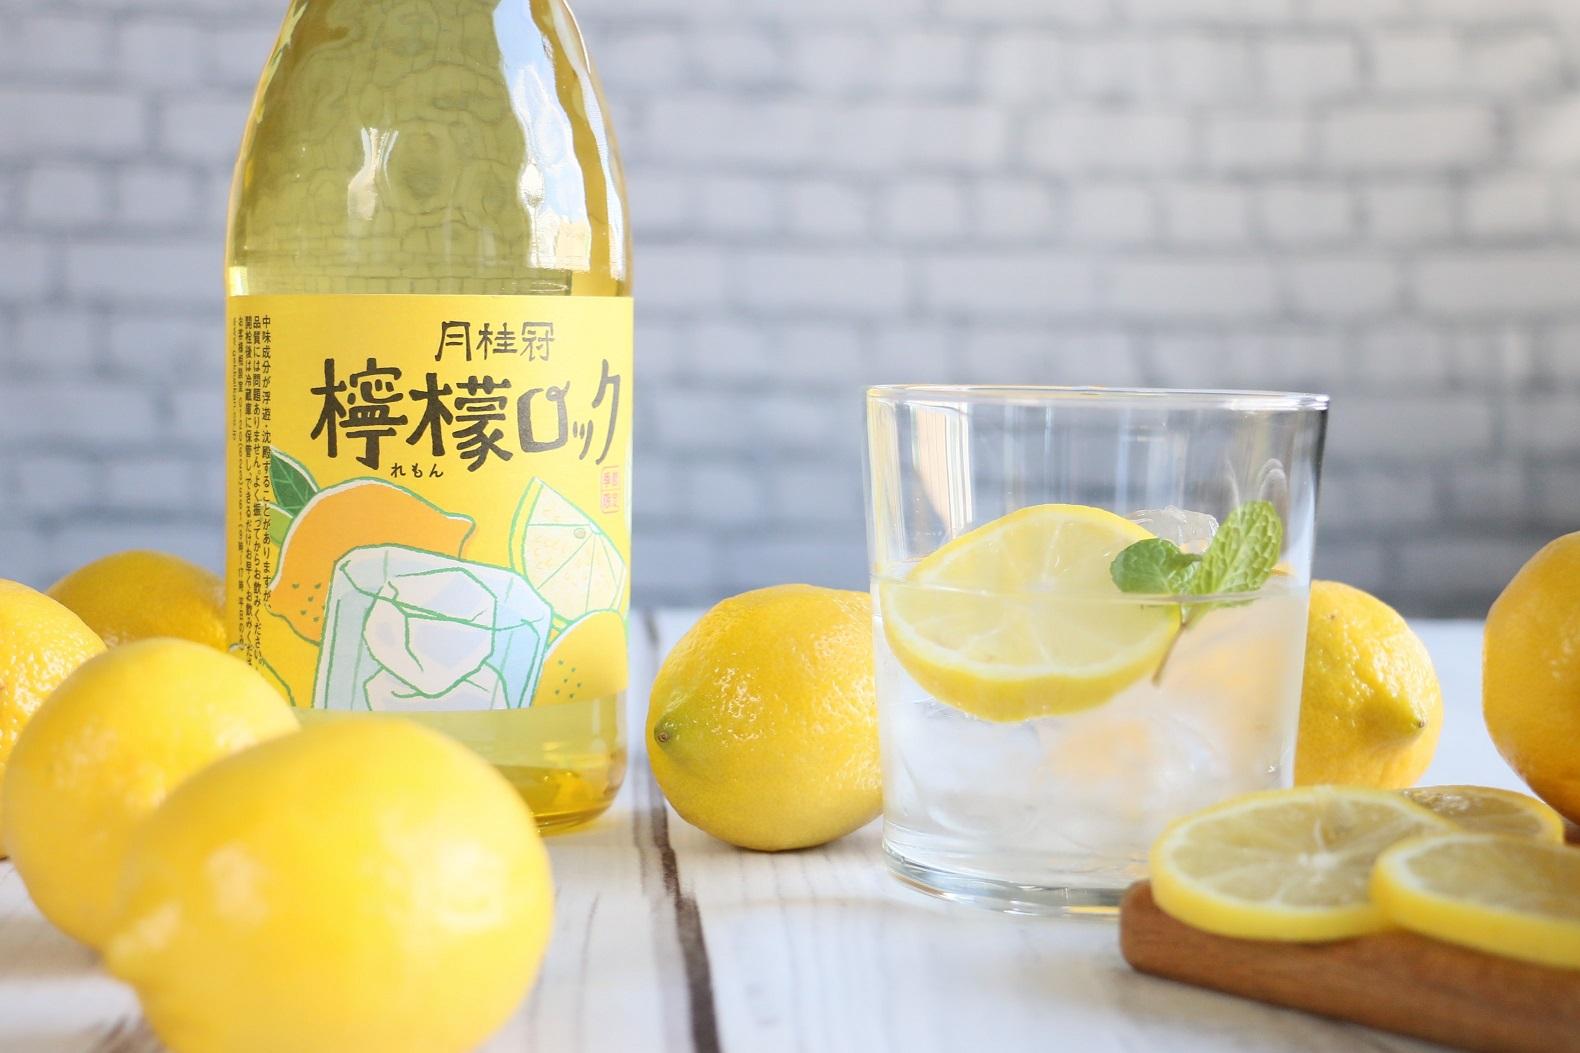 月桂冠「サムライロック」「檸檬ロック」「ホワイトロック」を春夏限定発売 冷やして楽しむ、日本酒ベースのリキュール